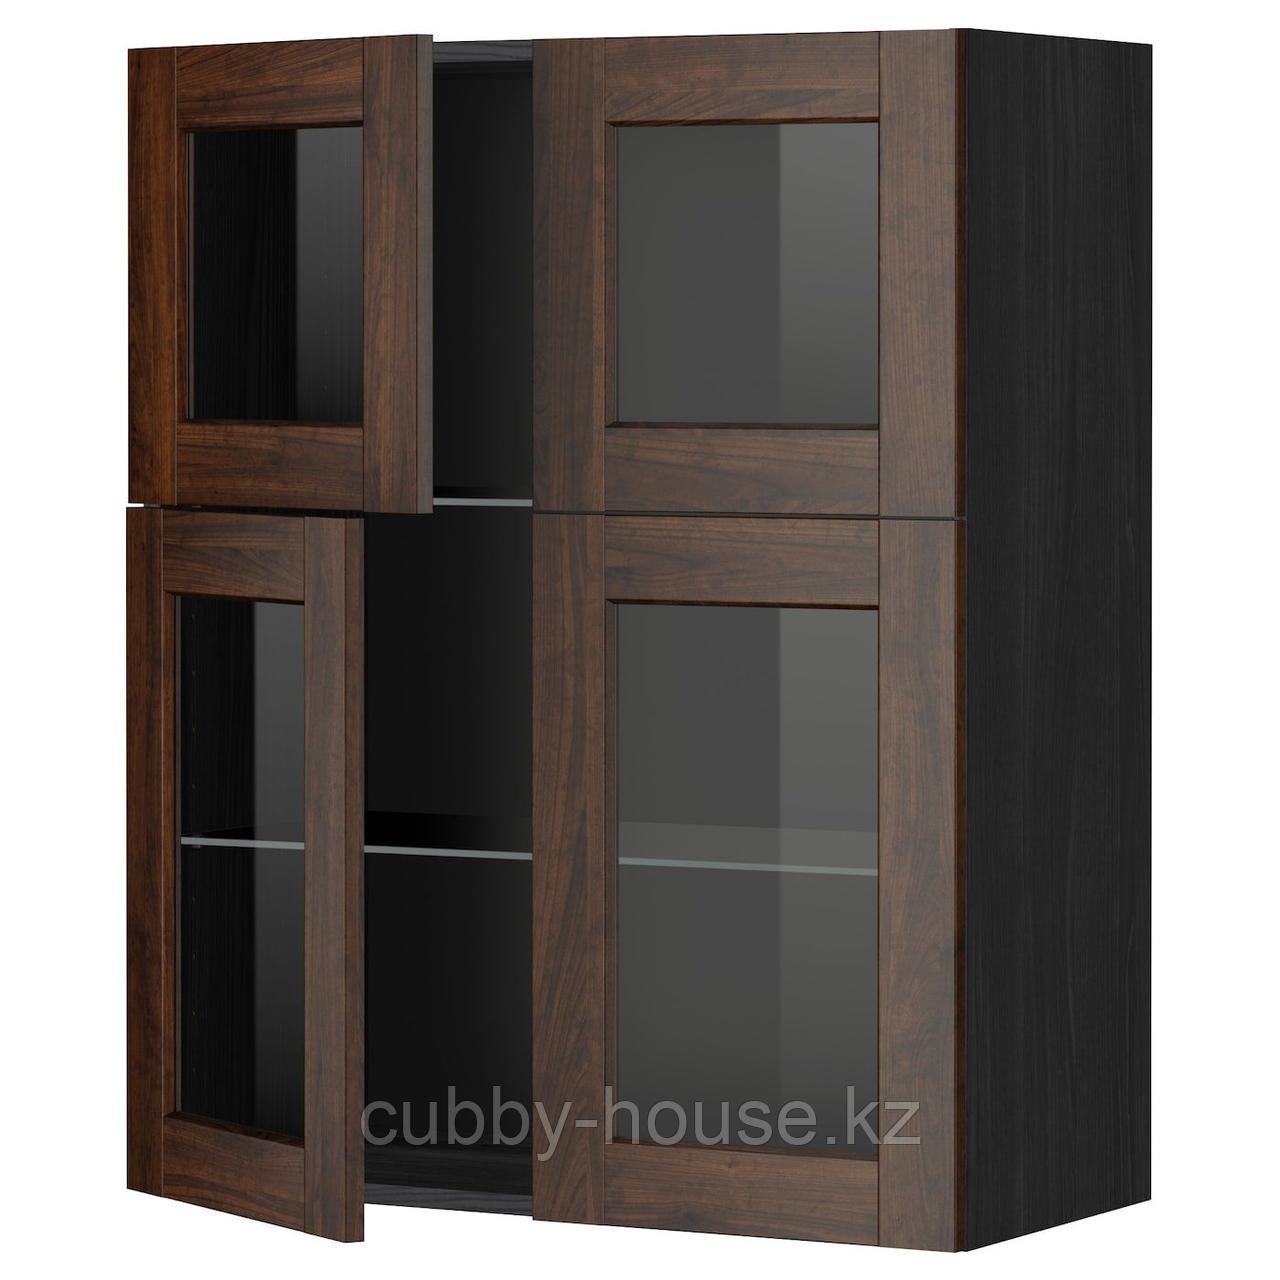 МЕТОД Навесной шкаф с полками/4 стекл дв, белый, Будбин серый, 80x100 см